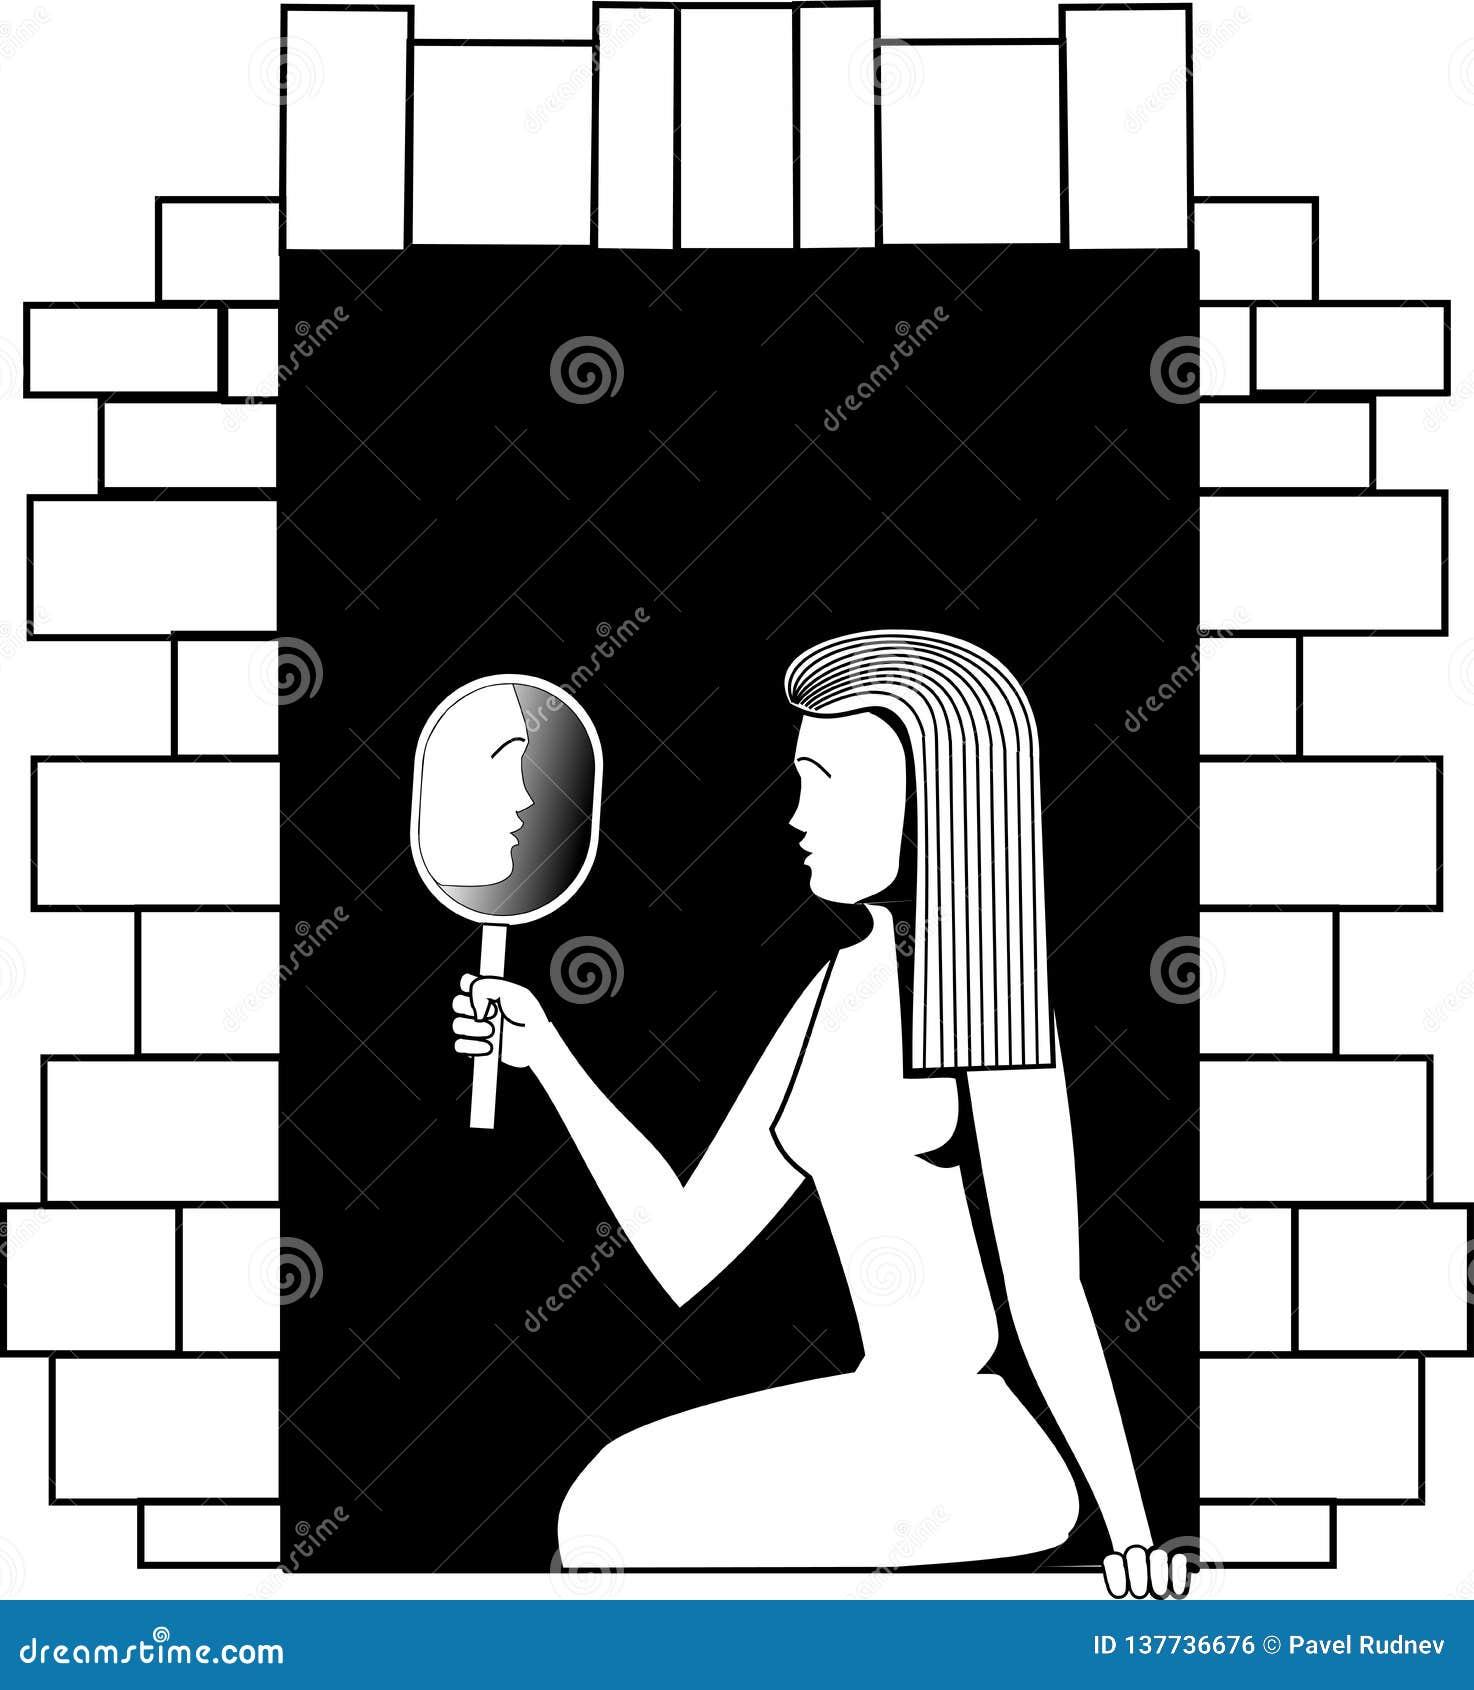 Черно-белое изображение вектора девушка сидя на окне и смотря в зеркале